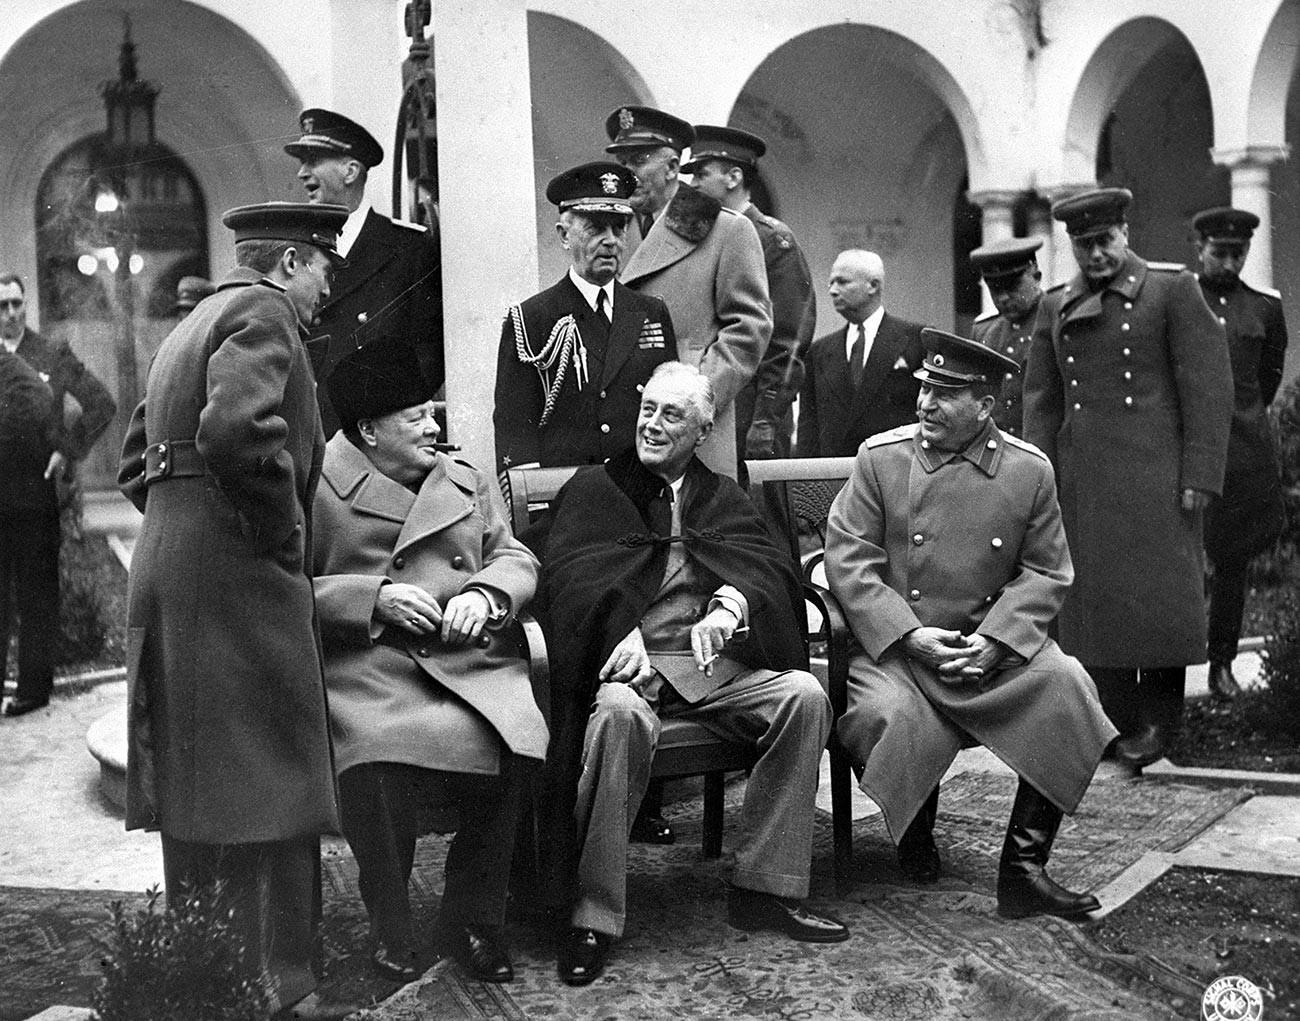 1945年2月4日から11日に行われた連合国3ヶ国によるヤルタ会談。写真中央に腰掛ける3人は、左から順に英国首相ウィンストン・チャーチル、米国大統領フランクリン・D・ローズベルト、ソ連邦元帥ヨシフ・スターリン。